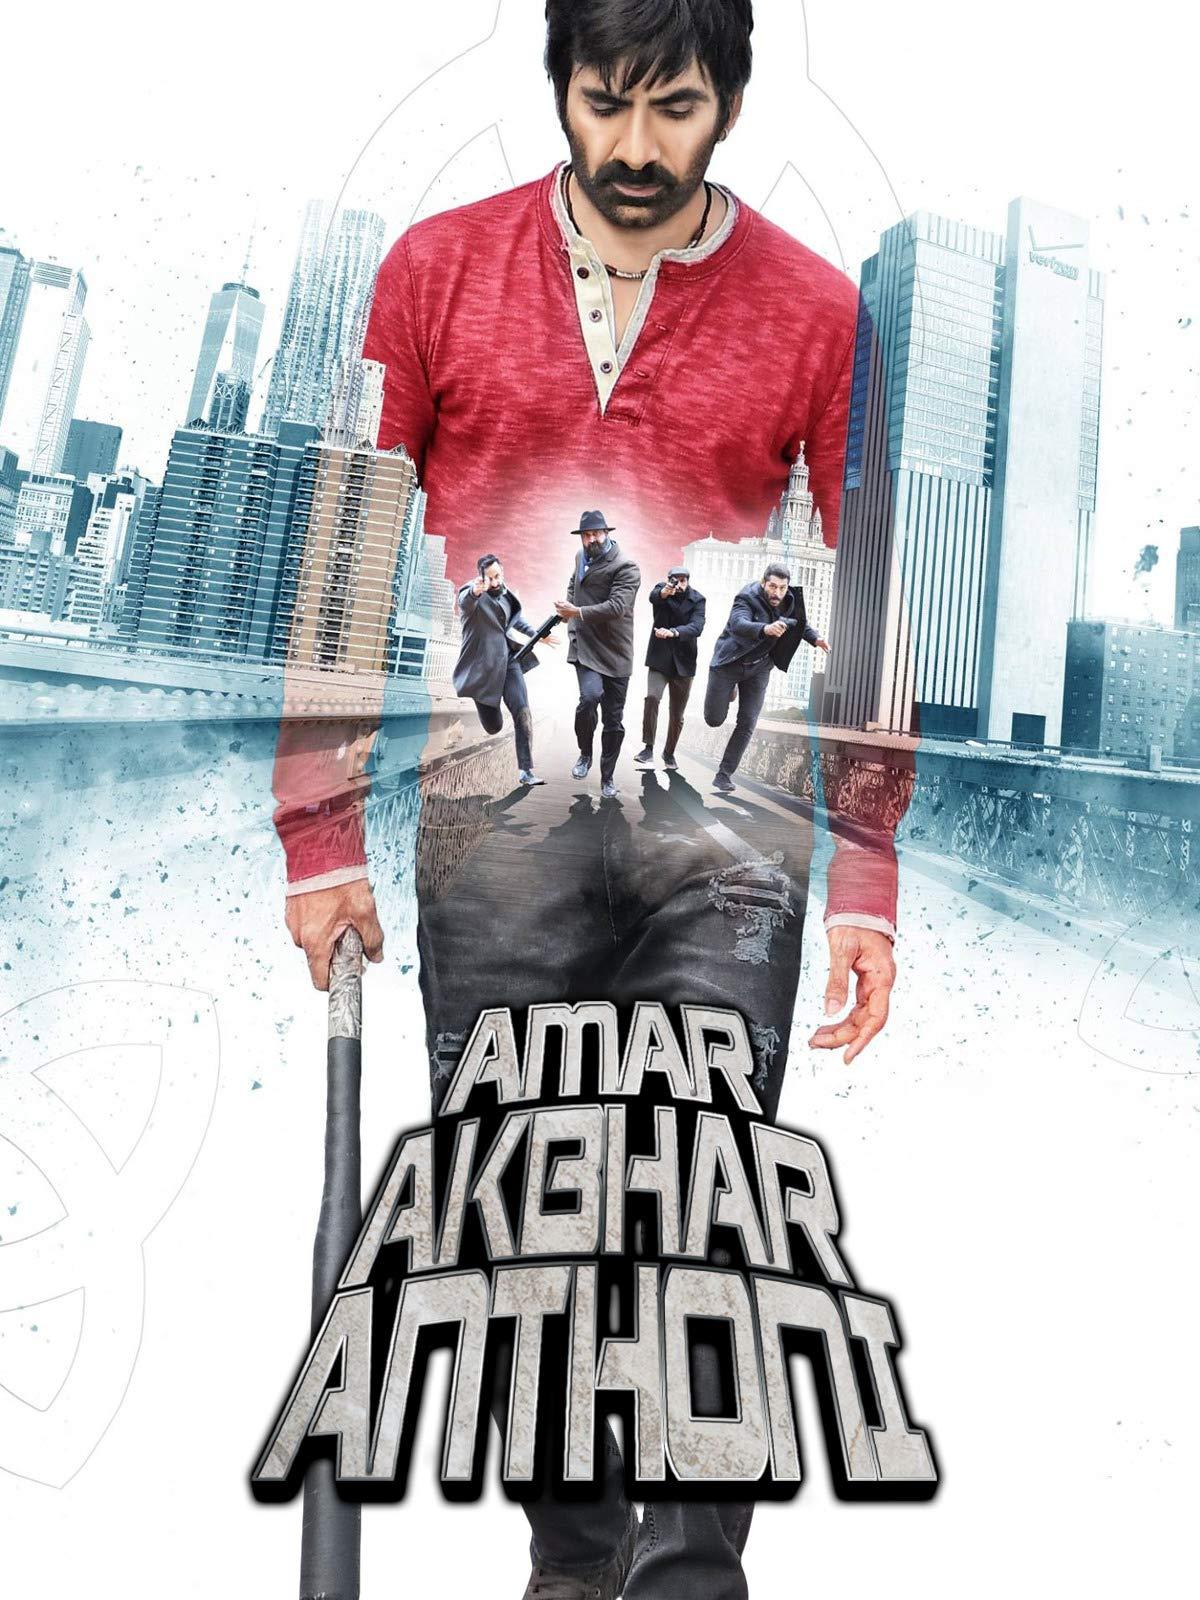 Amar Akbhar Anthoni on Amazon Prime Video UK